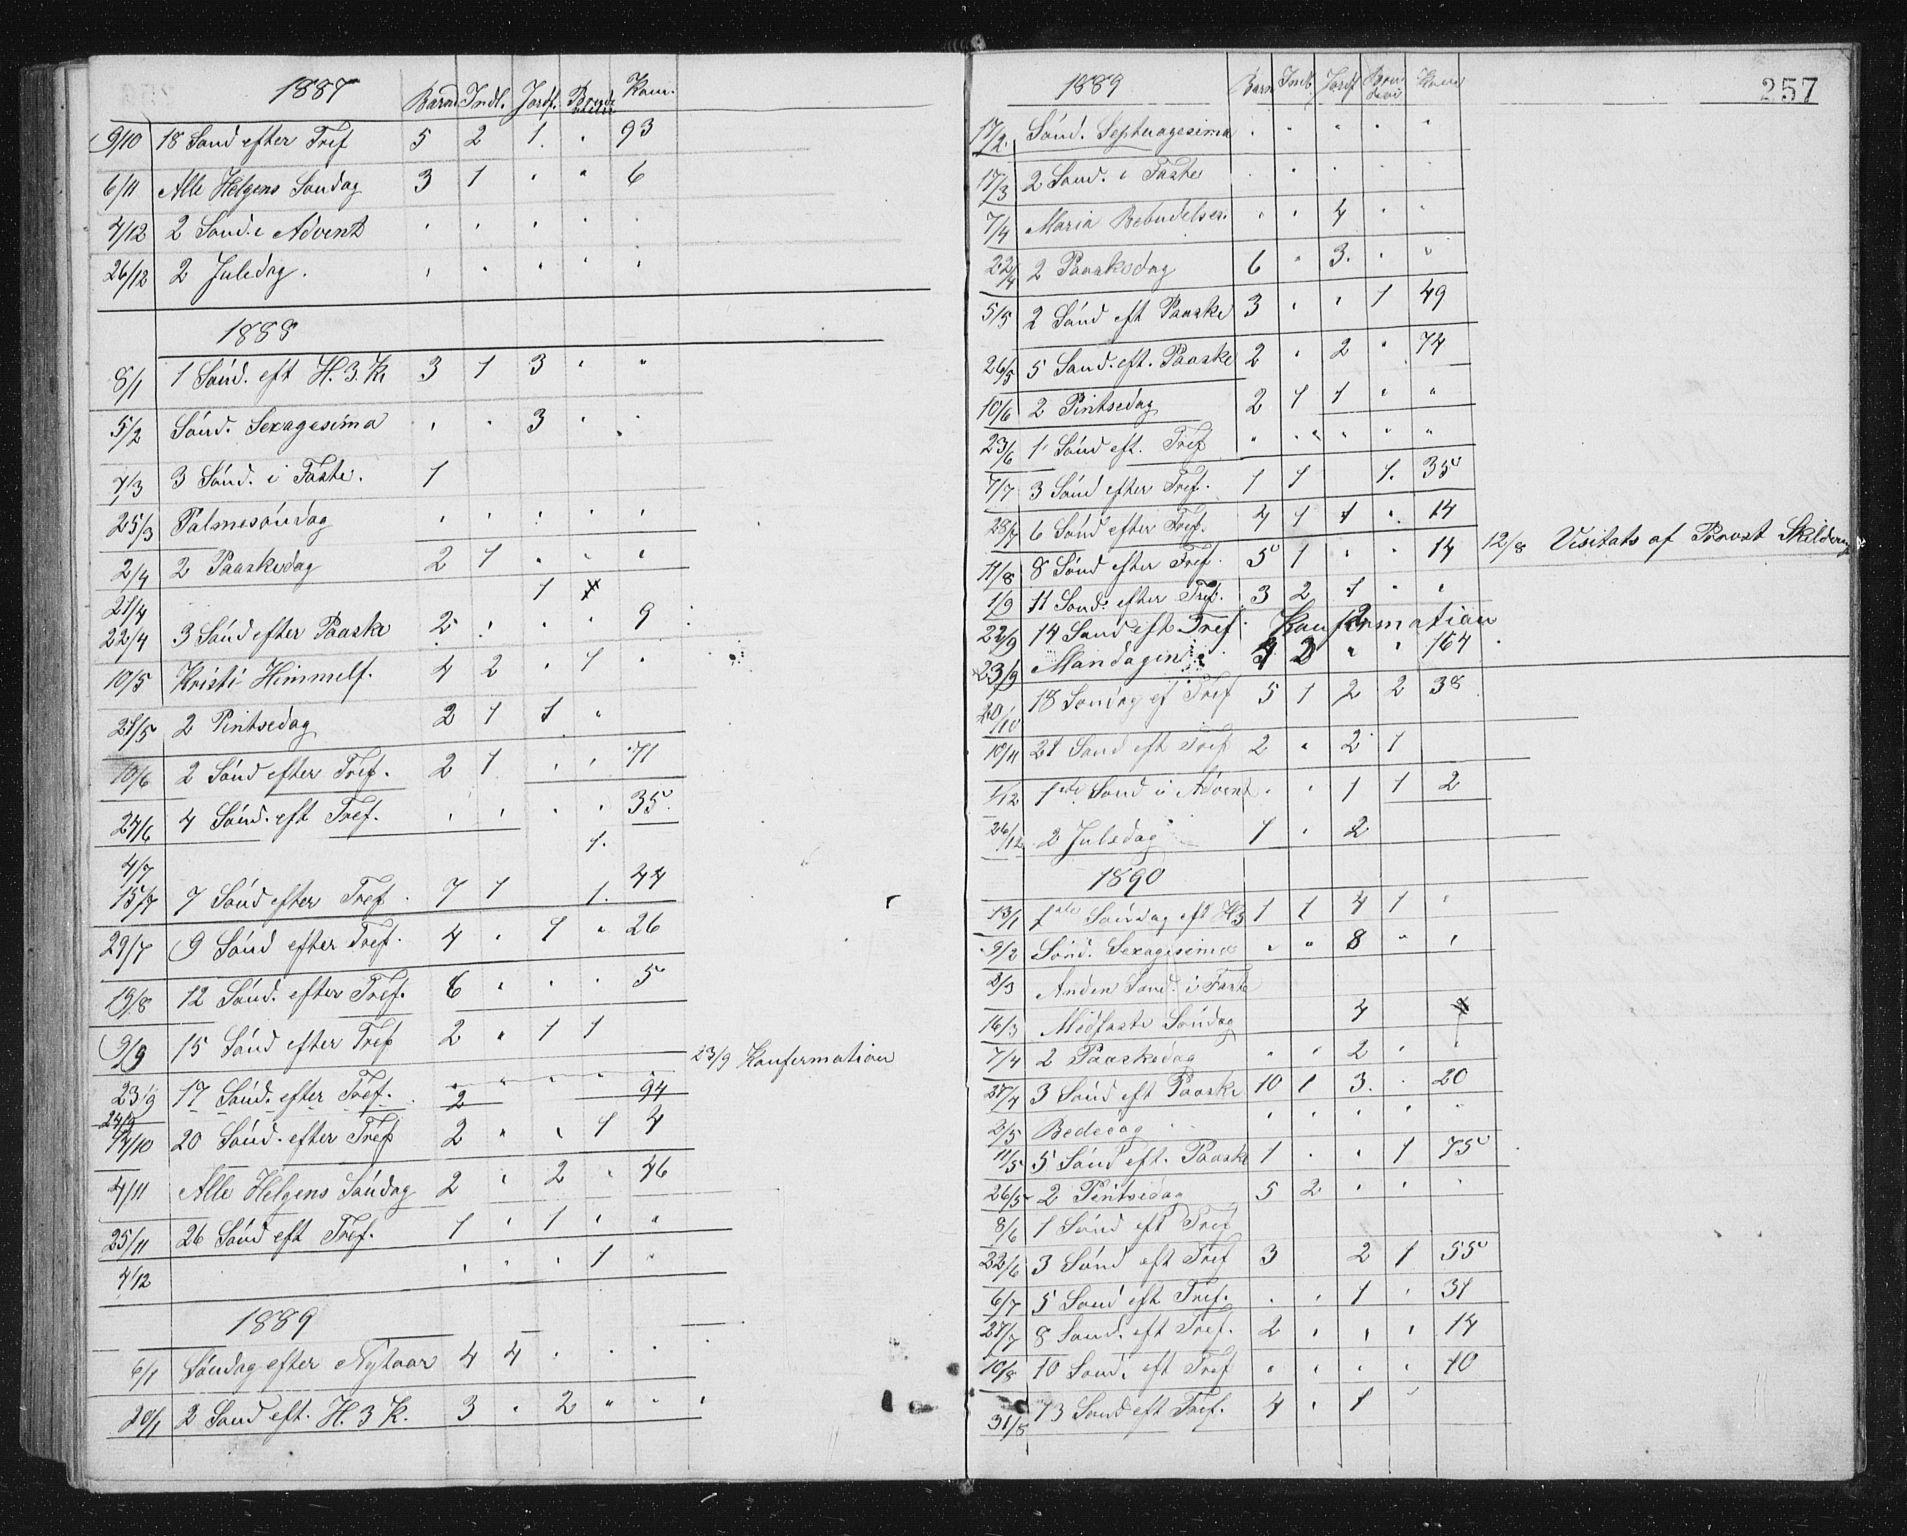 SAT, Ministerialprotokoller, klokkerbøker og fødselsregistre - Sør-Trøndelag, 662/L0756: Klokkerbok nr. 662C01, 1869-1891, s. 257